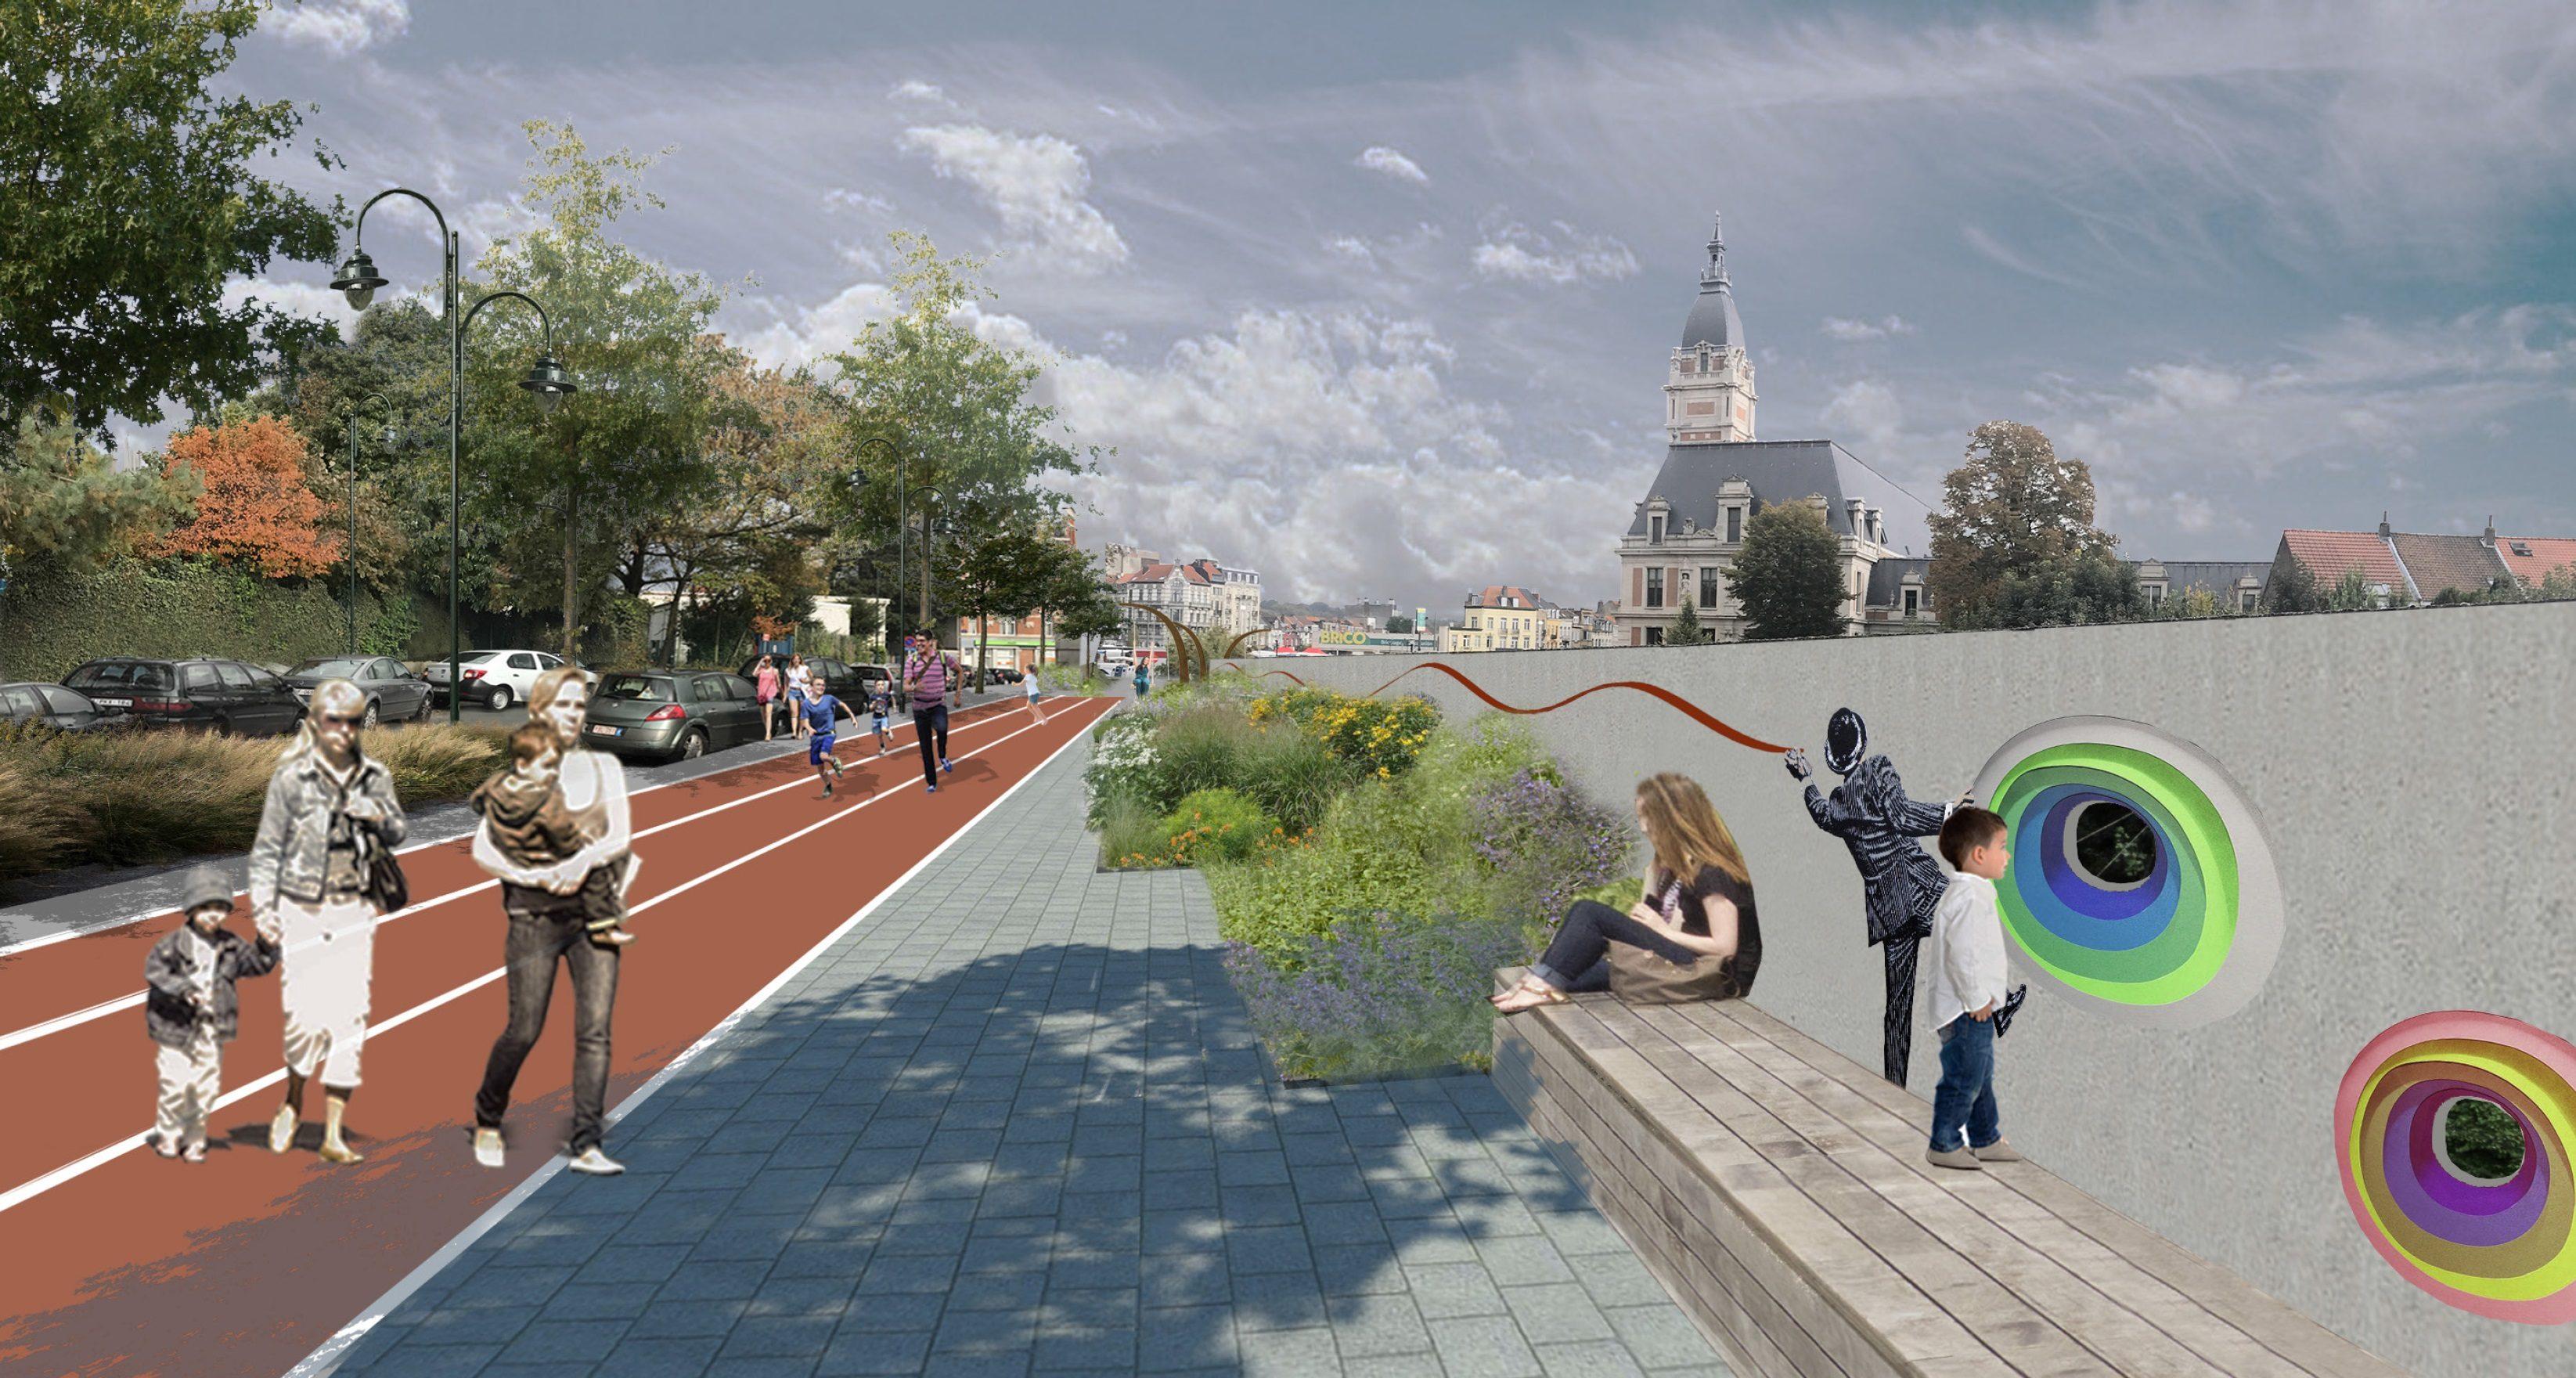 Contrat de Quartier Bockstael: présentation du plan de réaménagement aux habitants